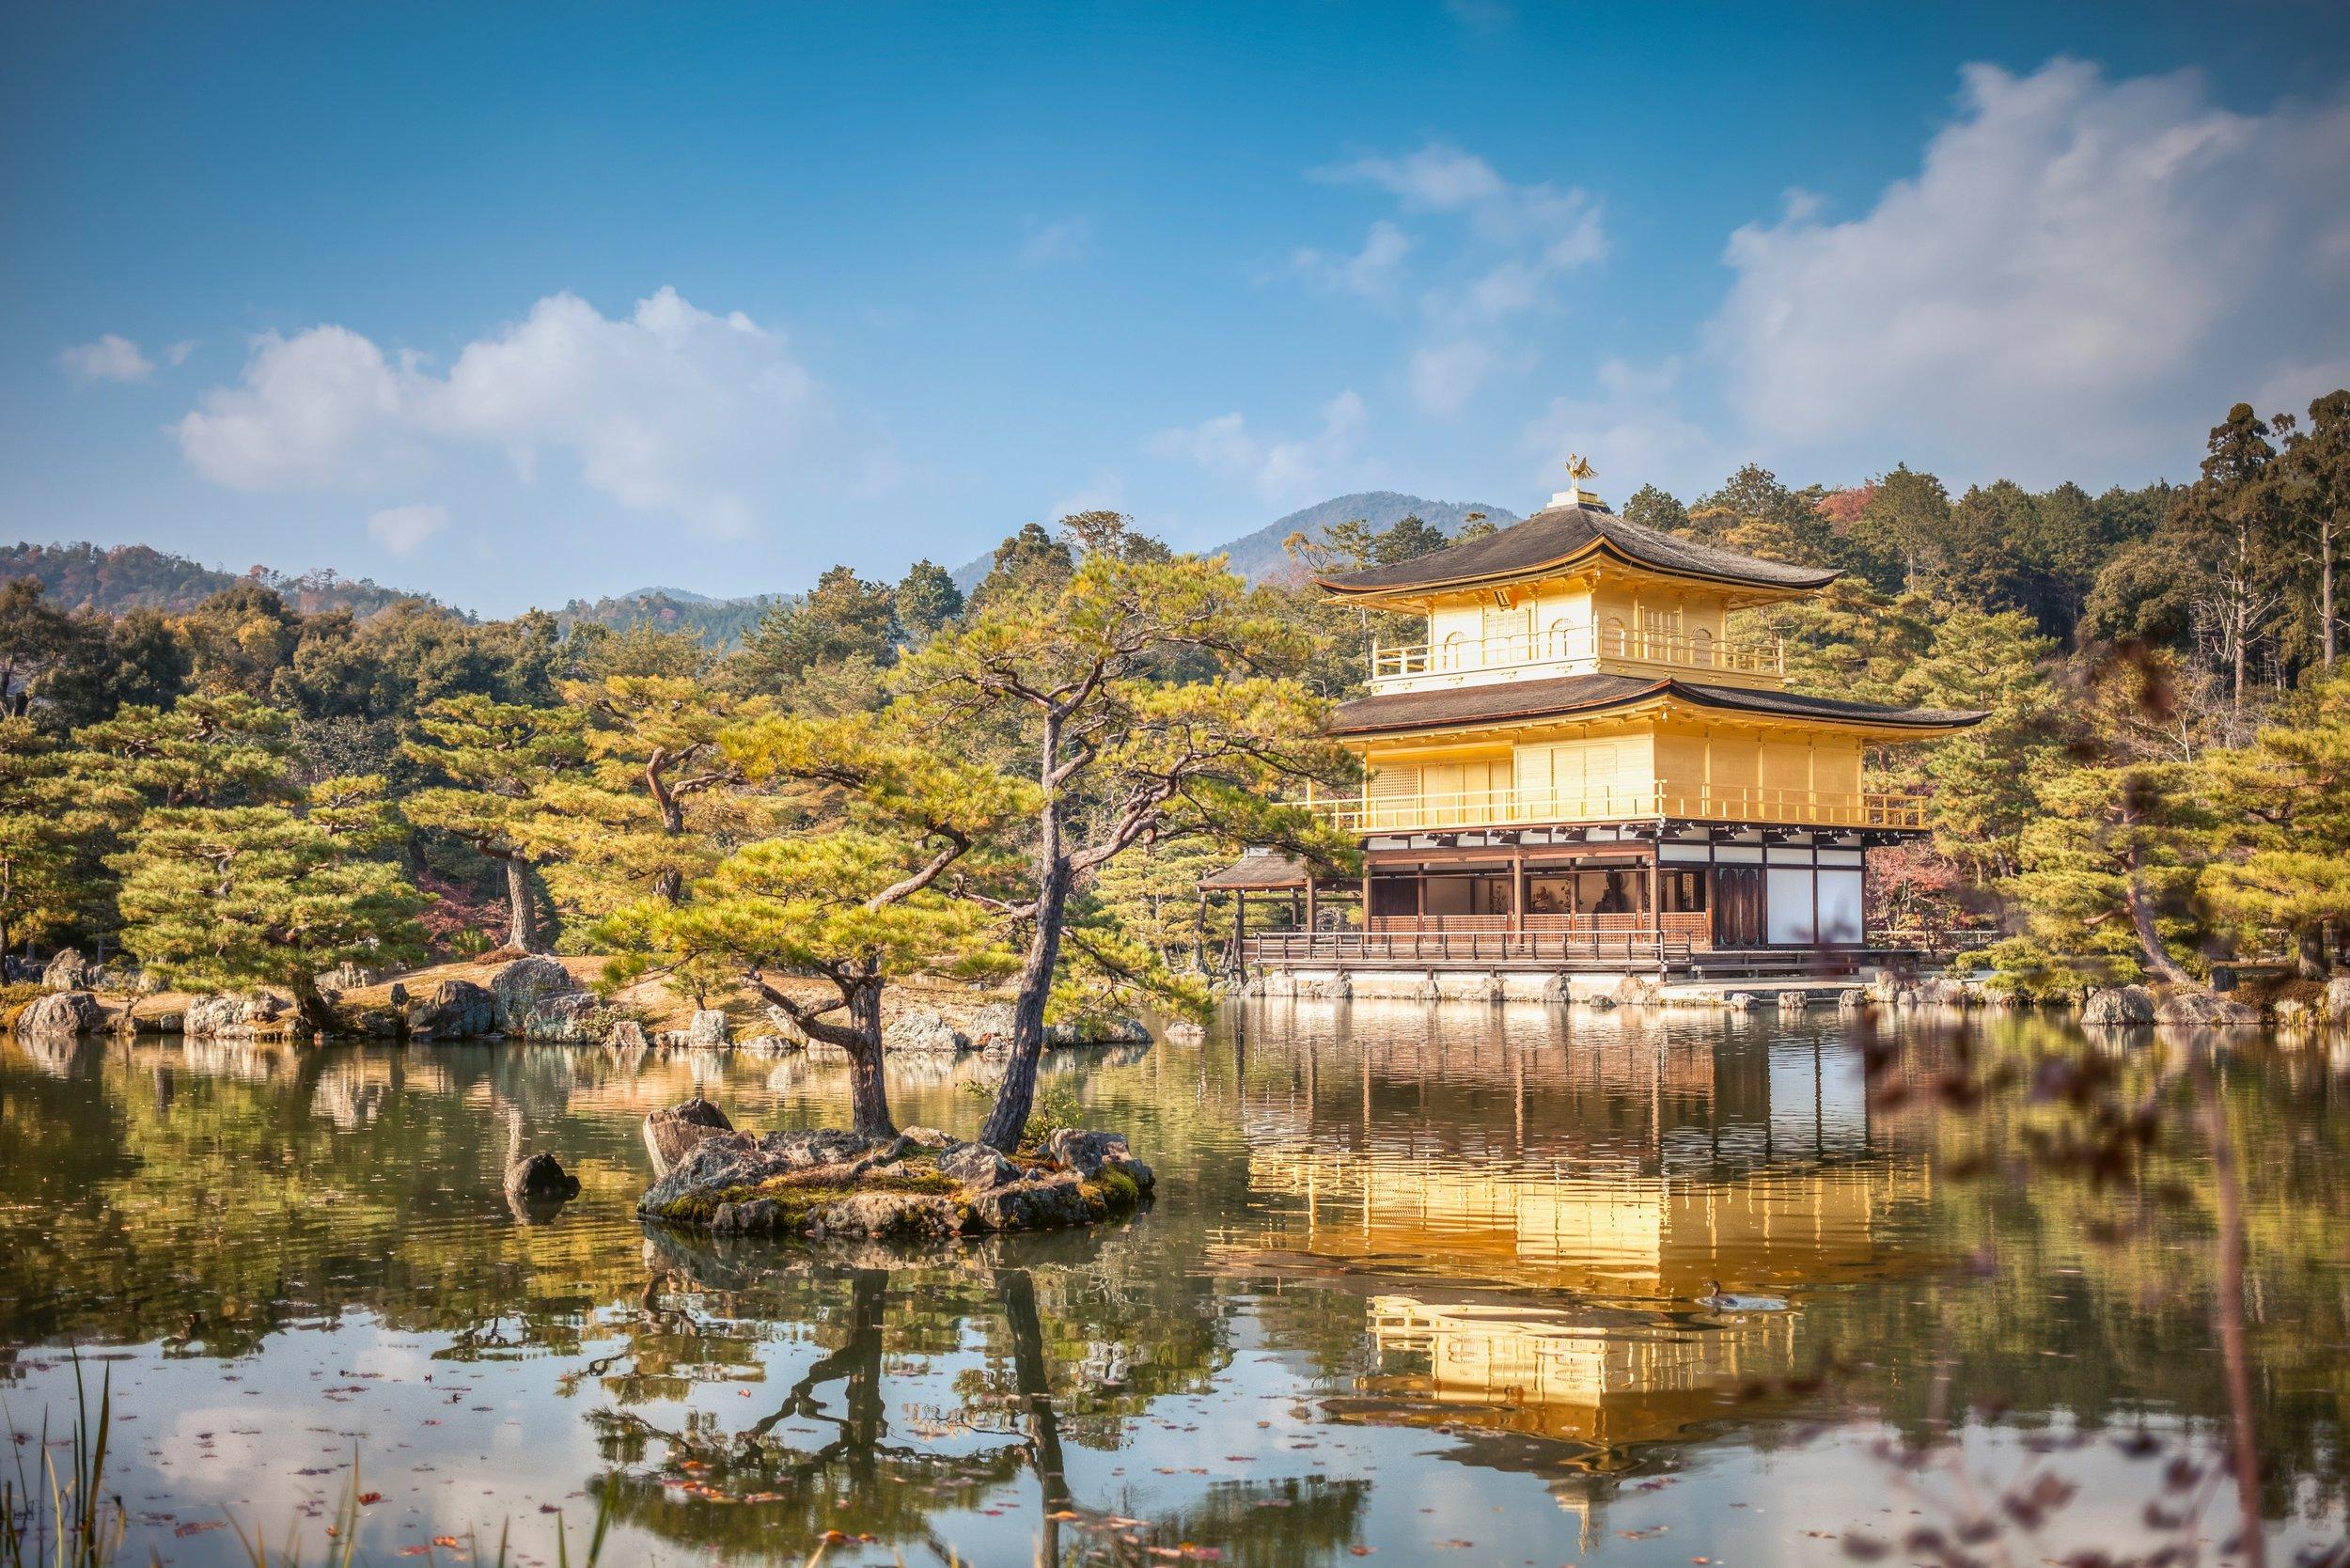 Golden Pavillion Kyoto Japan.jpg